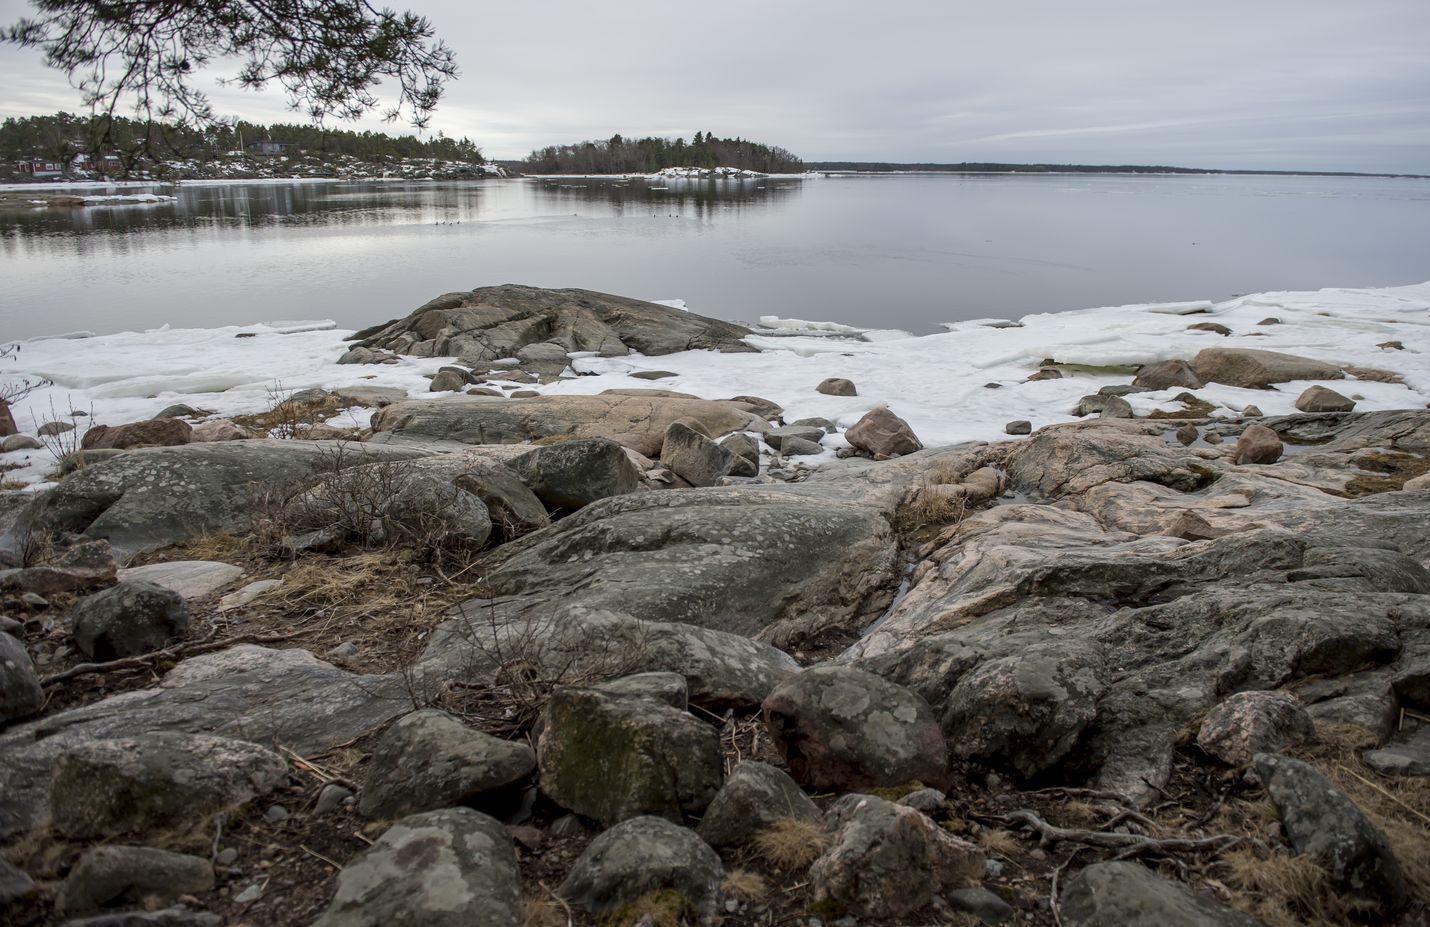 Merenranta pysyy edelleen vapaana seutuna Rauman Maanpäässä, vaikka osa kaava-alueen maista on nyt osoitettuna teollisuuden laajenemismahdollisuuksiin. Tuomioistuin asettui ratkaisussaan kaavoittajan eli Rauman kaupungin kanssa samoille kannoille.